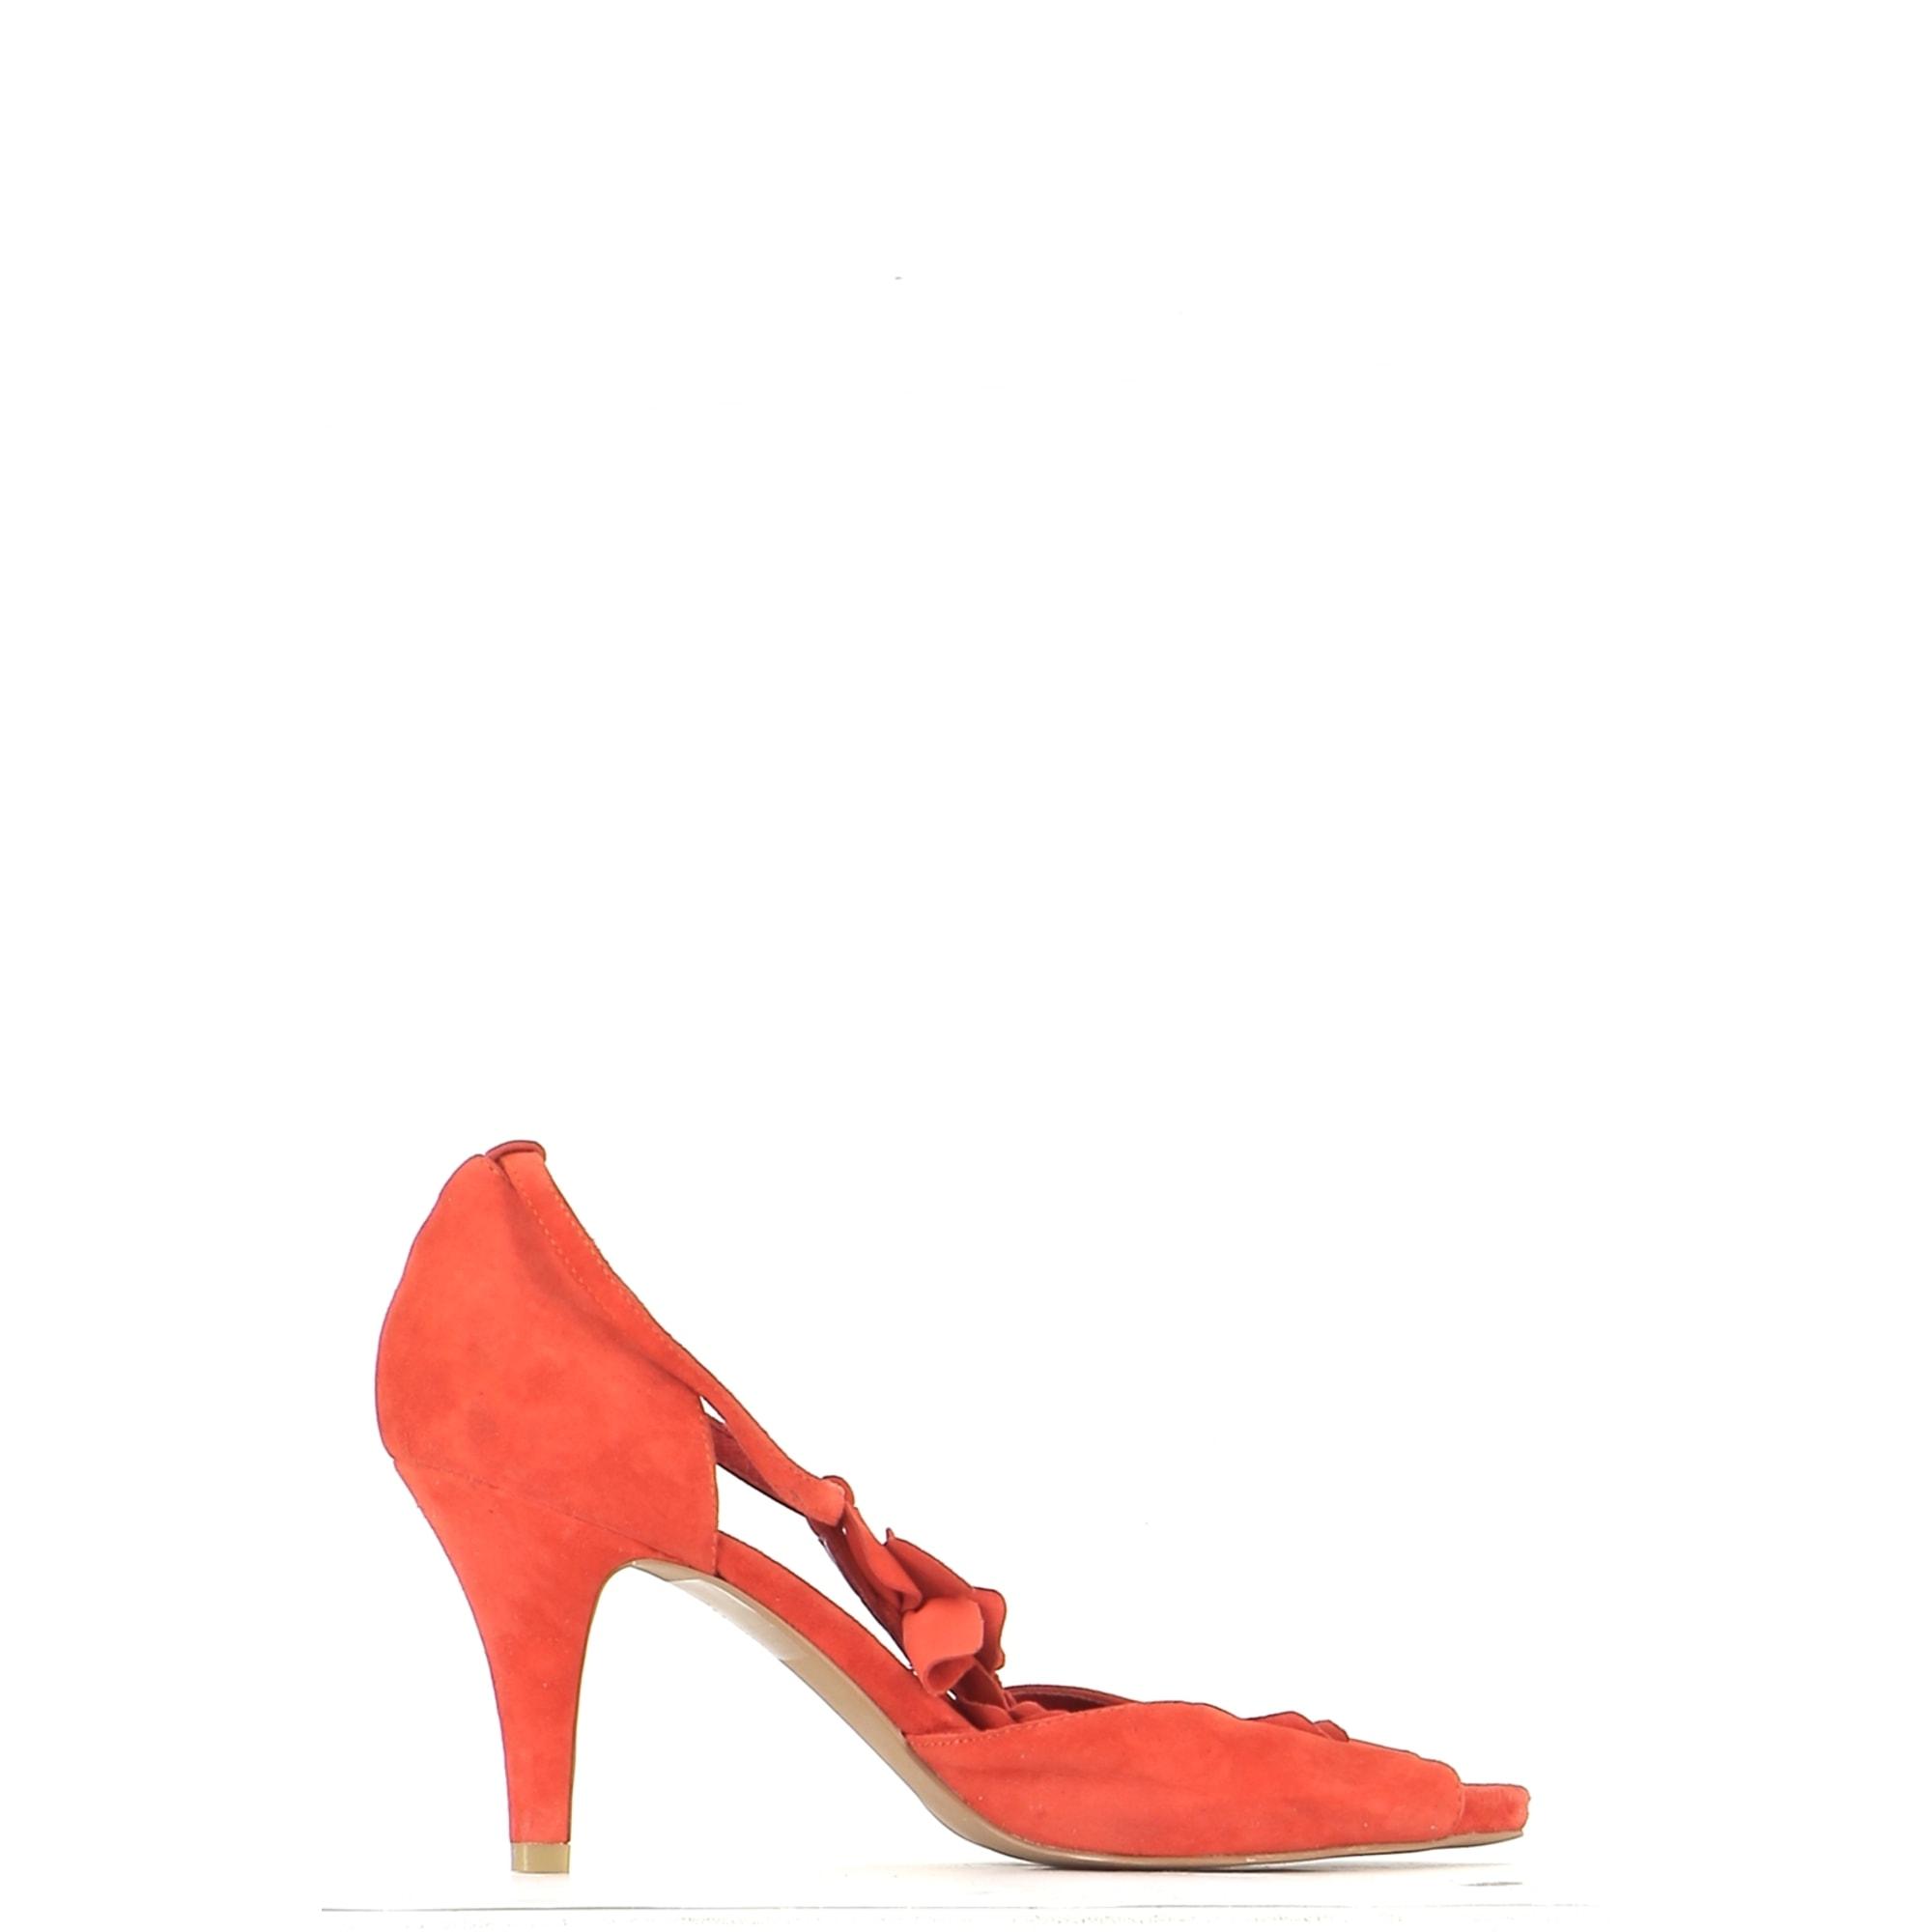 Sandales plates  MINELLI Rouge, bordeaux